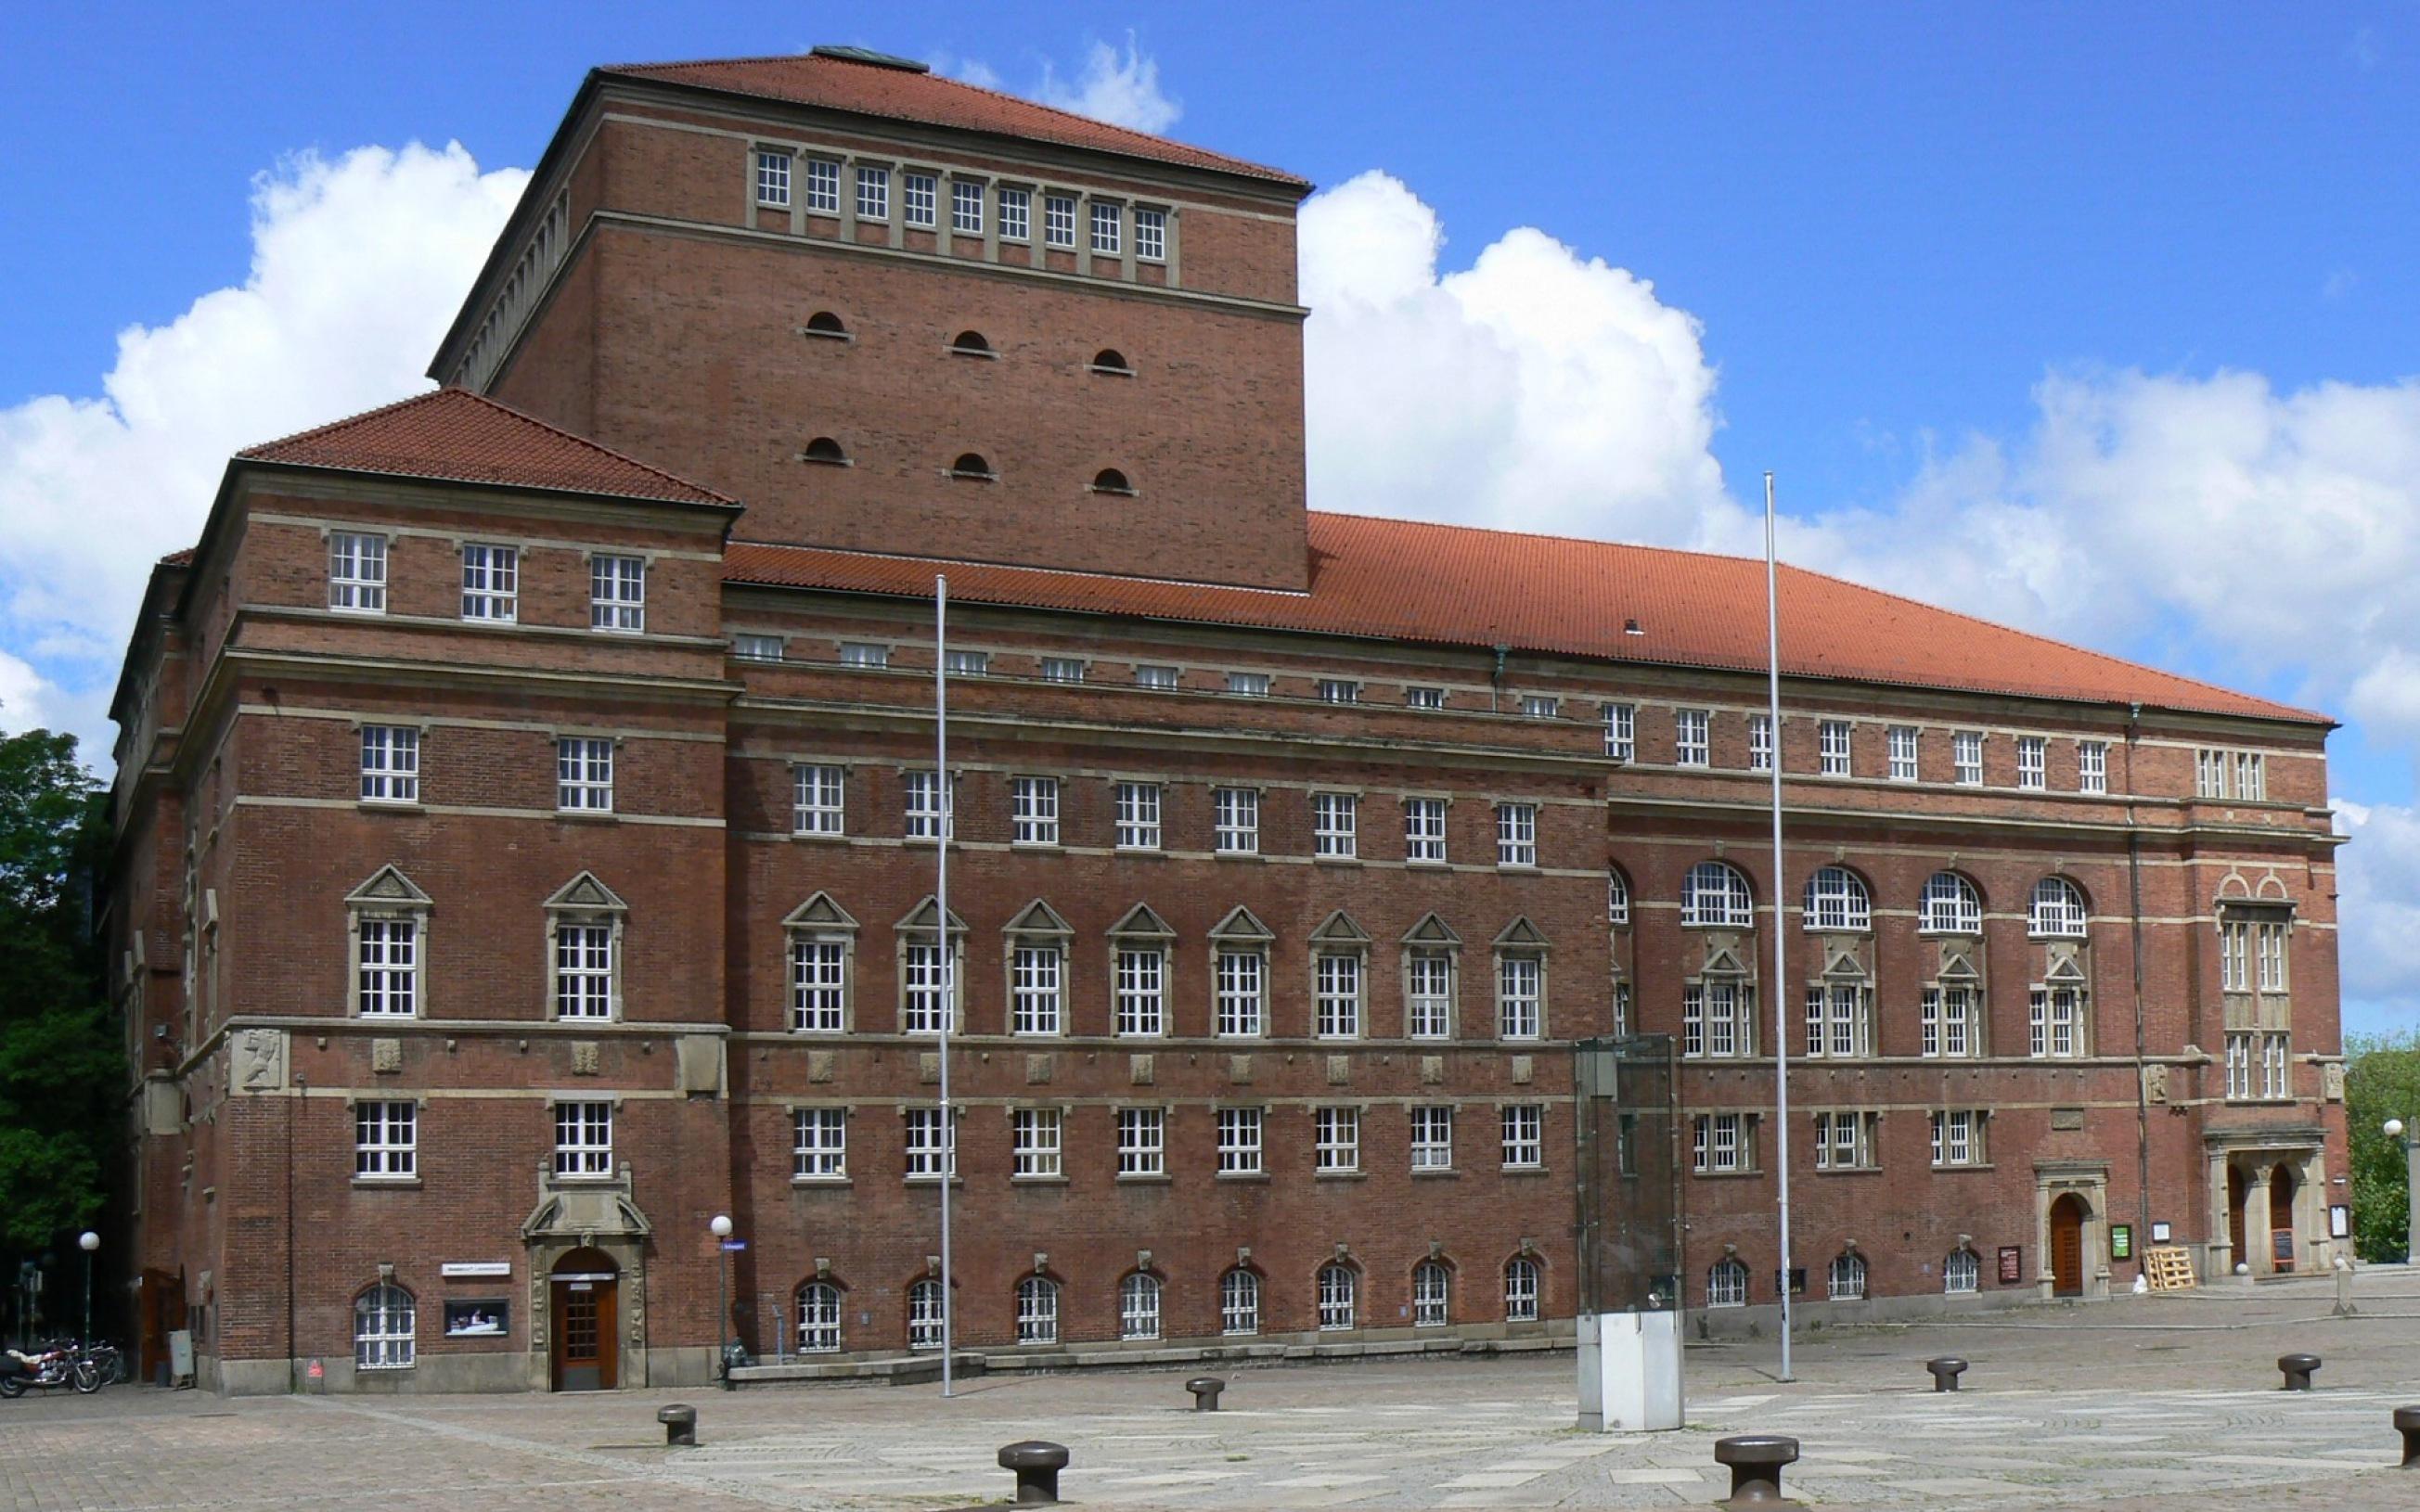 Kieler Opernhaus. Bauzeit: 1905–1907, Architekt: Heinrich Seeling, Ansicht: Südostseite des Gebäudes, Blick über de